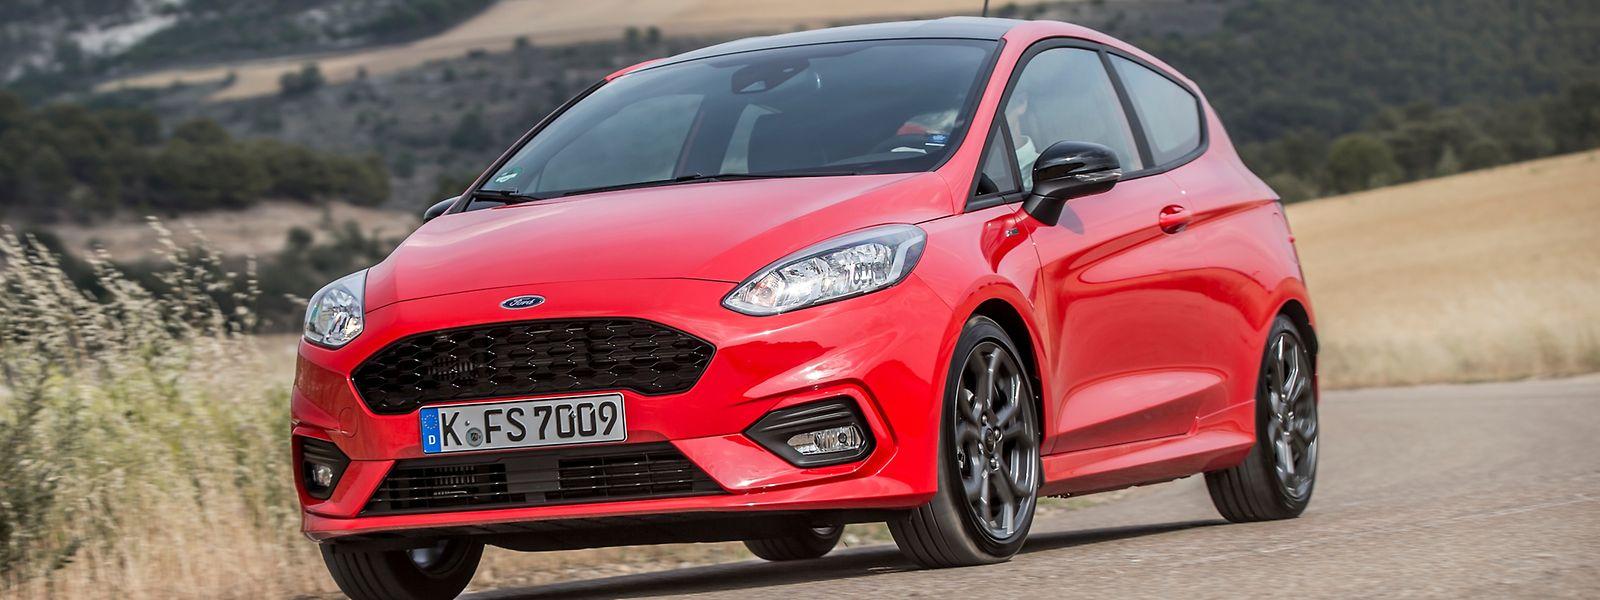 Der Ford Fiesta gehört mit einer Länge von 4040 Millimeter und einer Breite von 1735 Millimeter zu den eher Großen seiner Zunft.